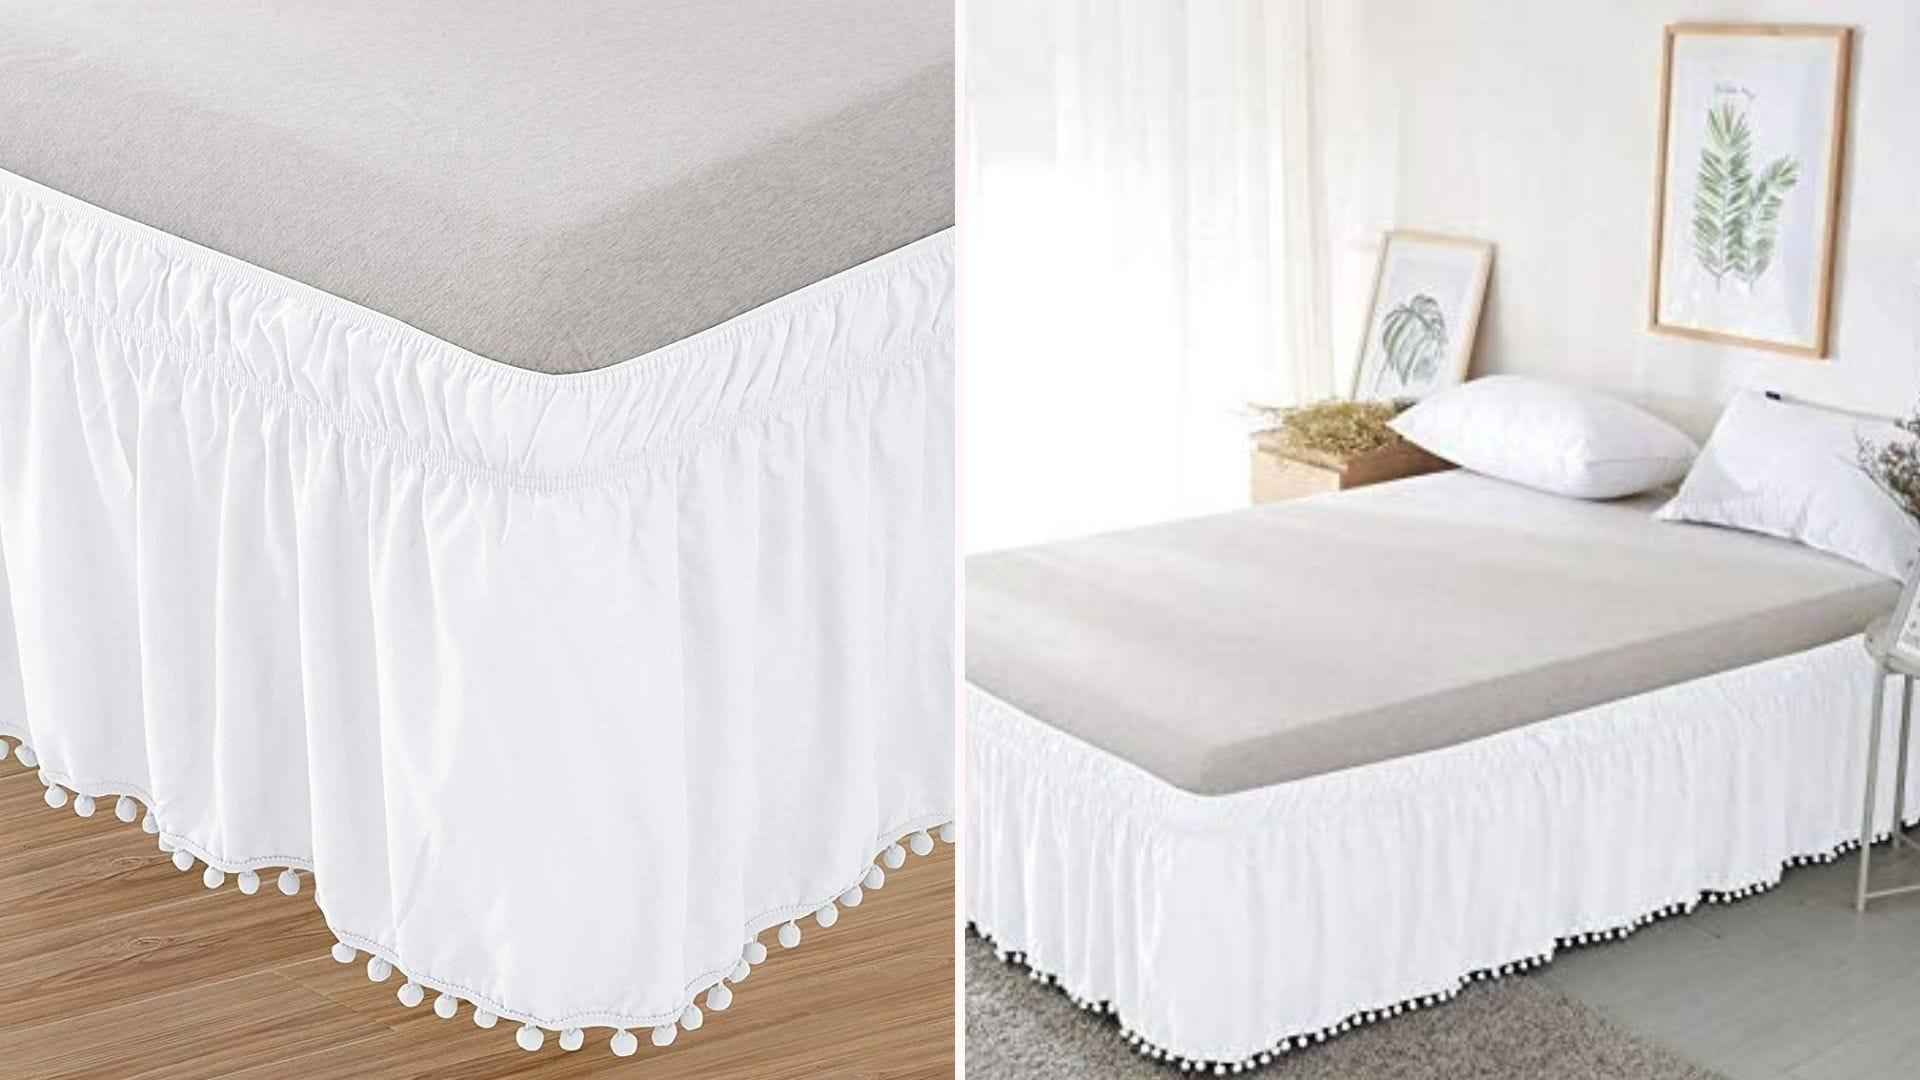 corner view white tasseled bed skirt on bed